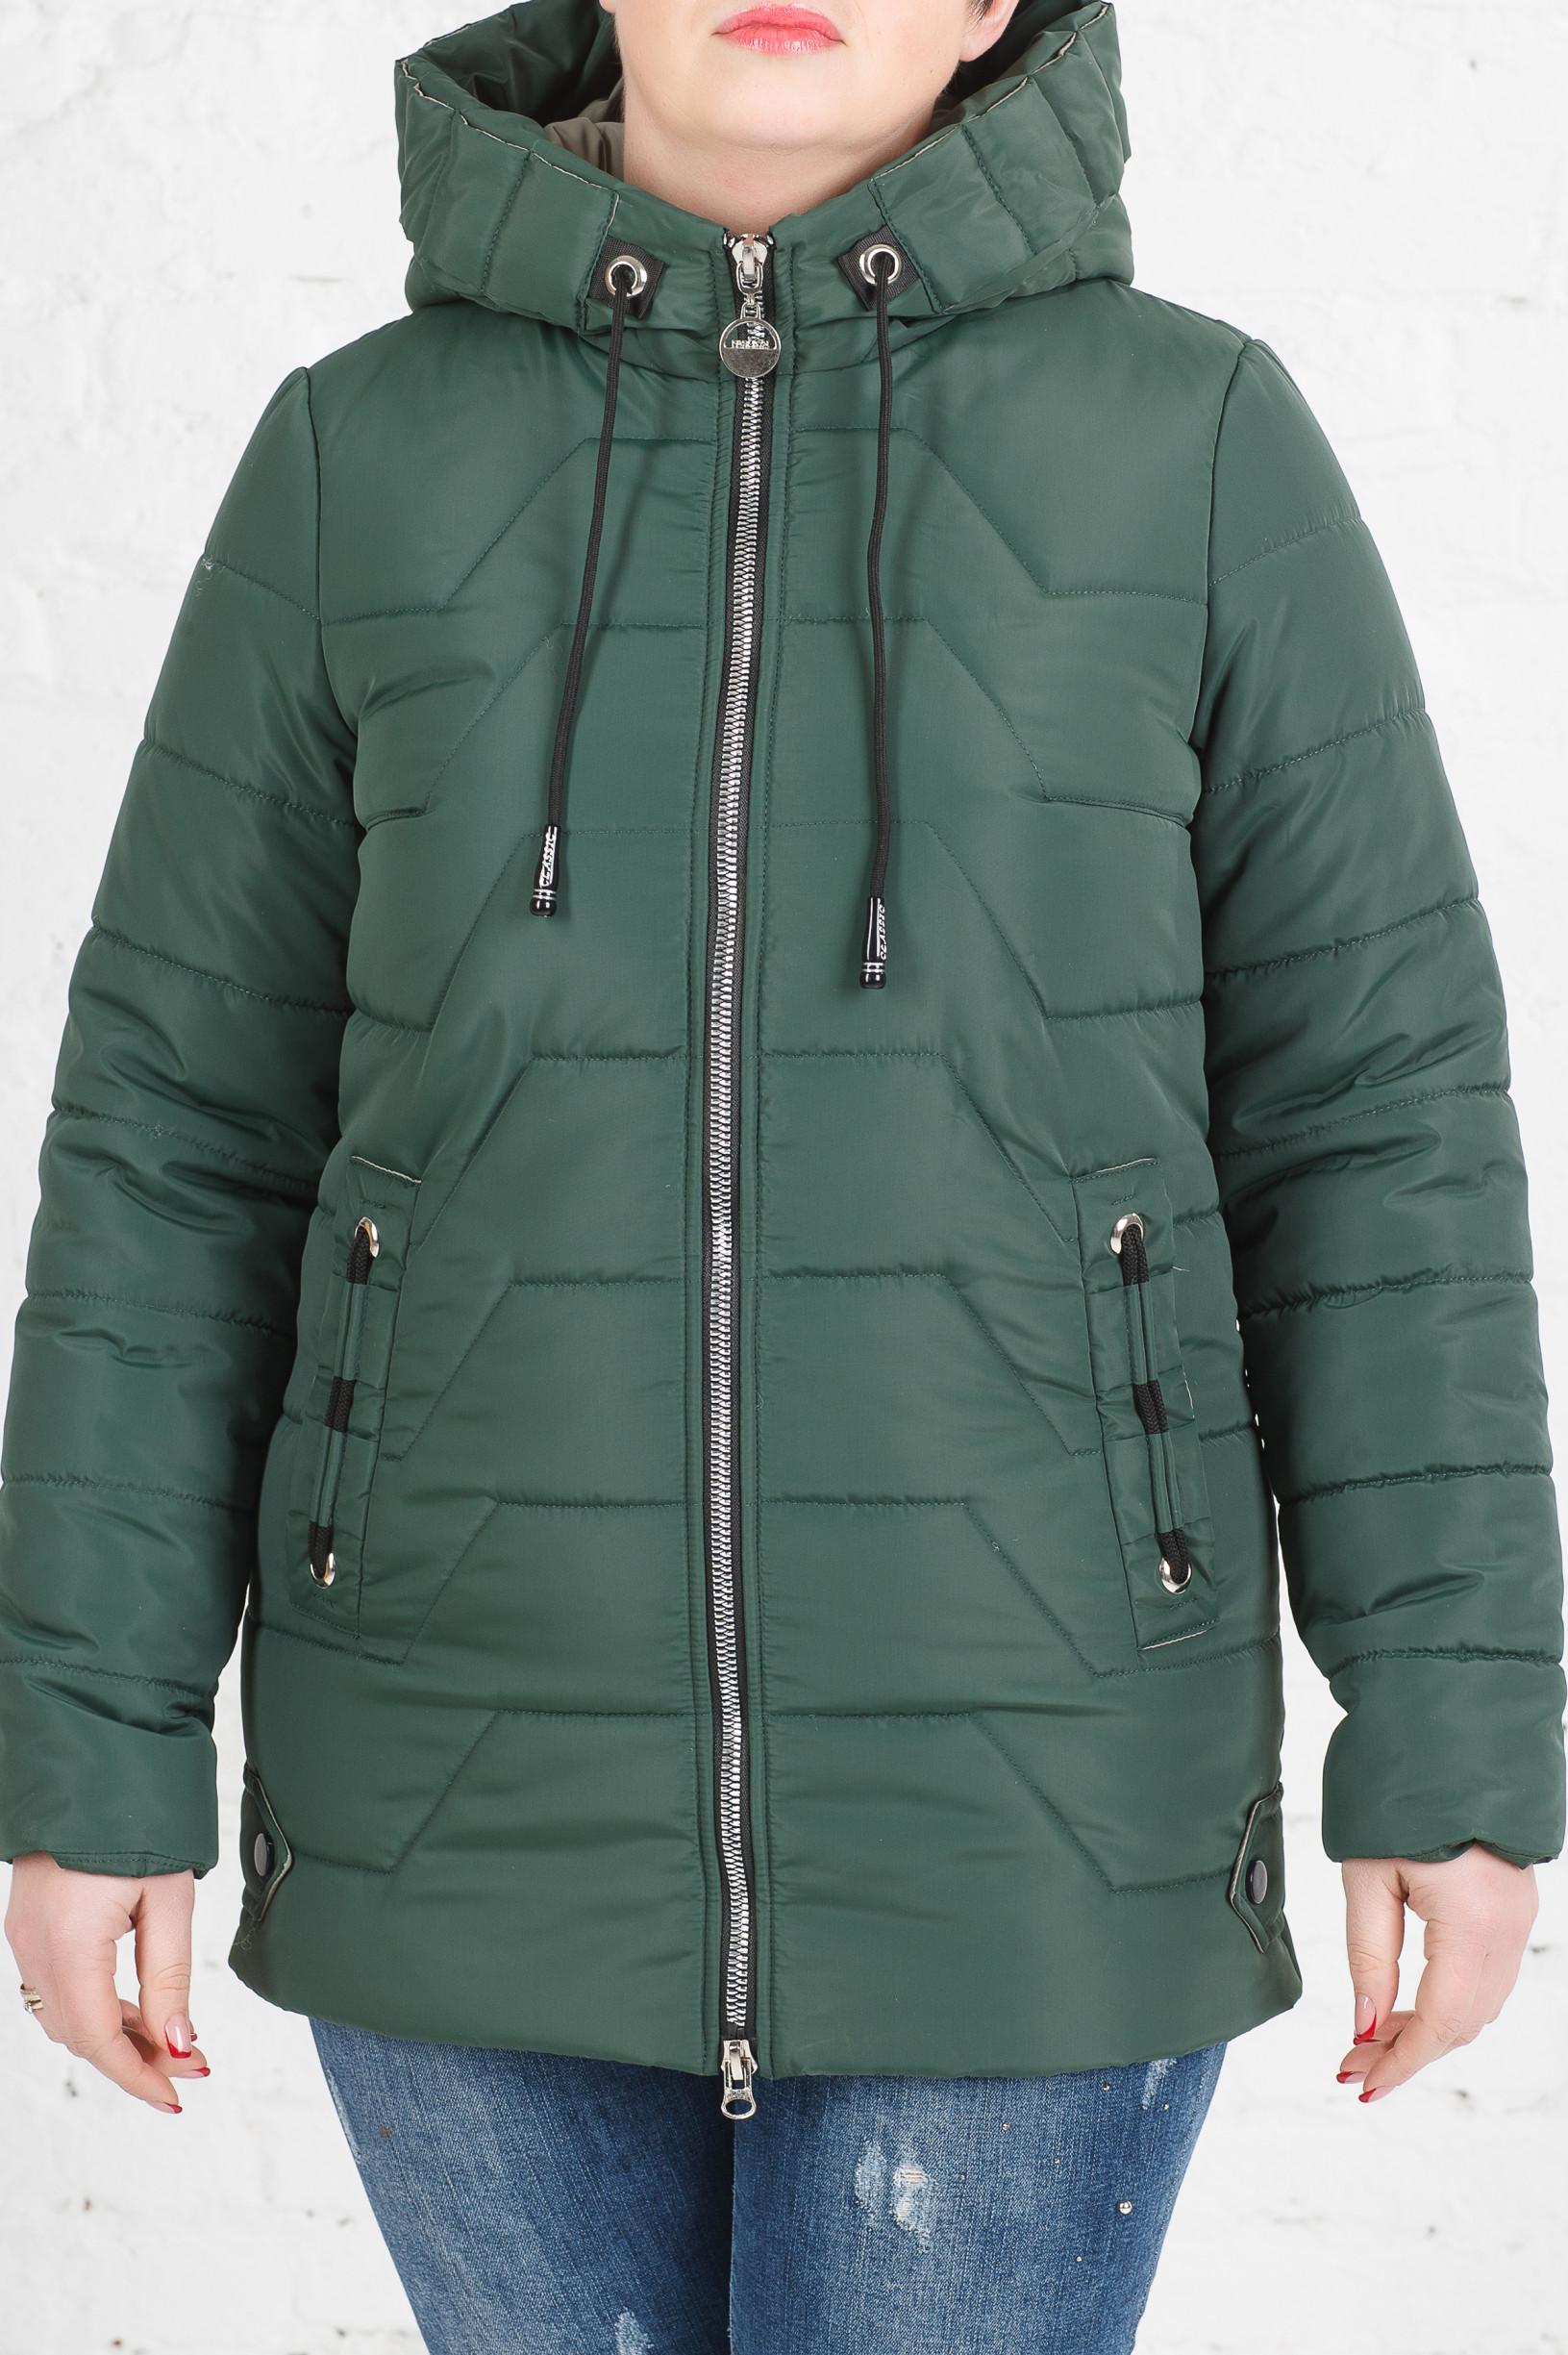 Женская весенняя куртка Кейси зелёная